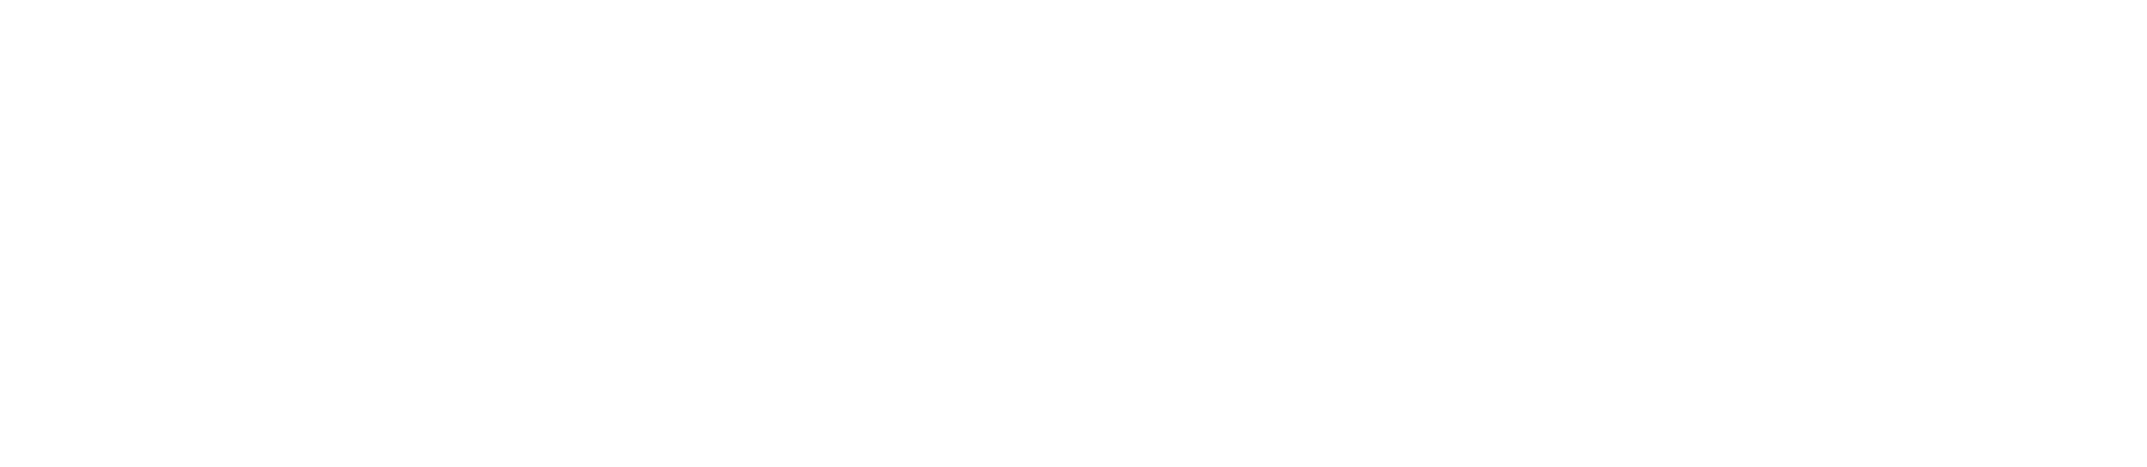 Московский 97. Стоматологическая практика. Логотип.